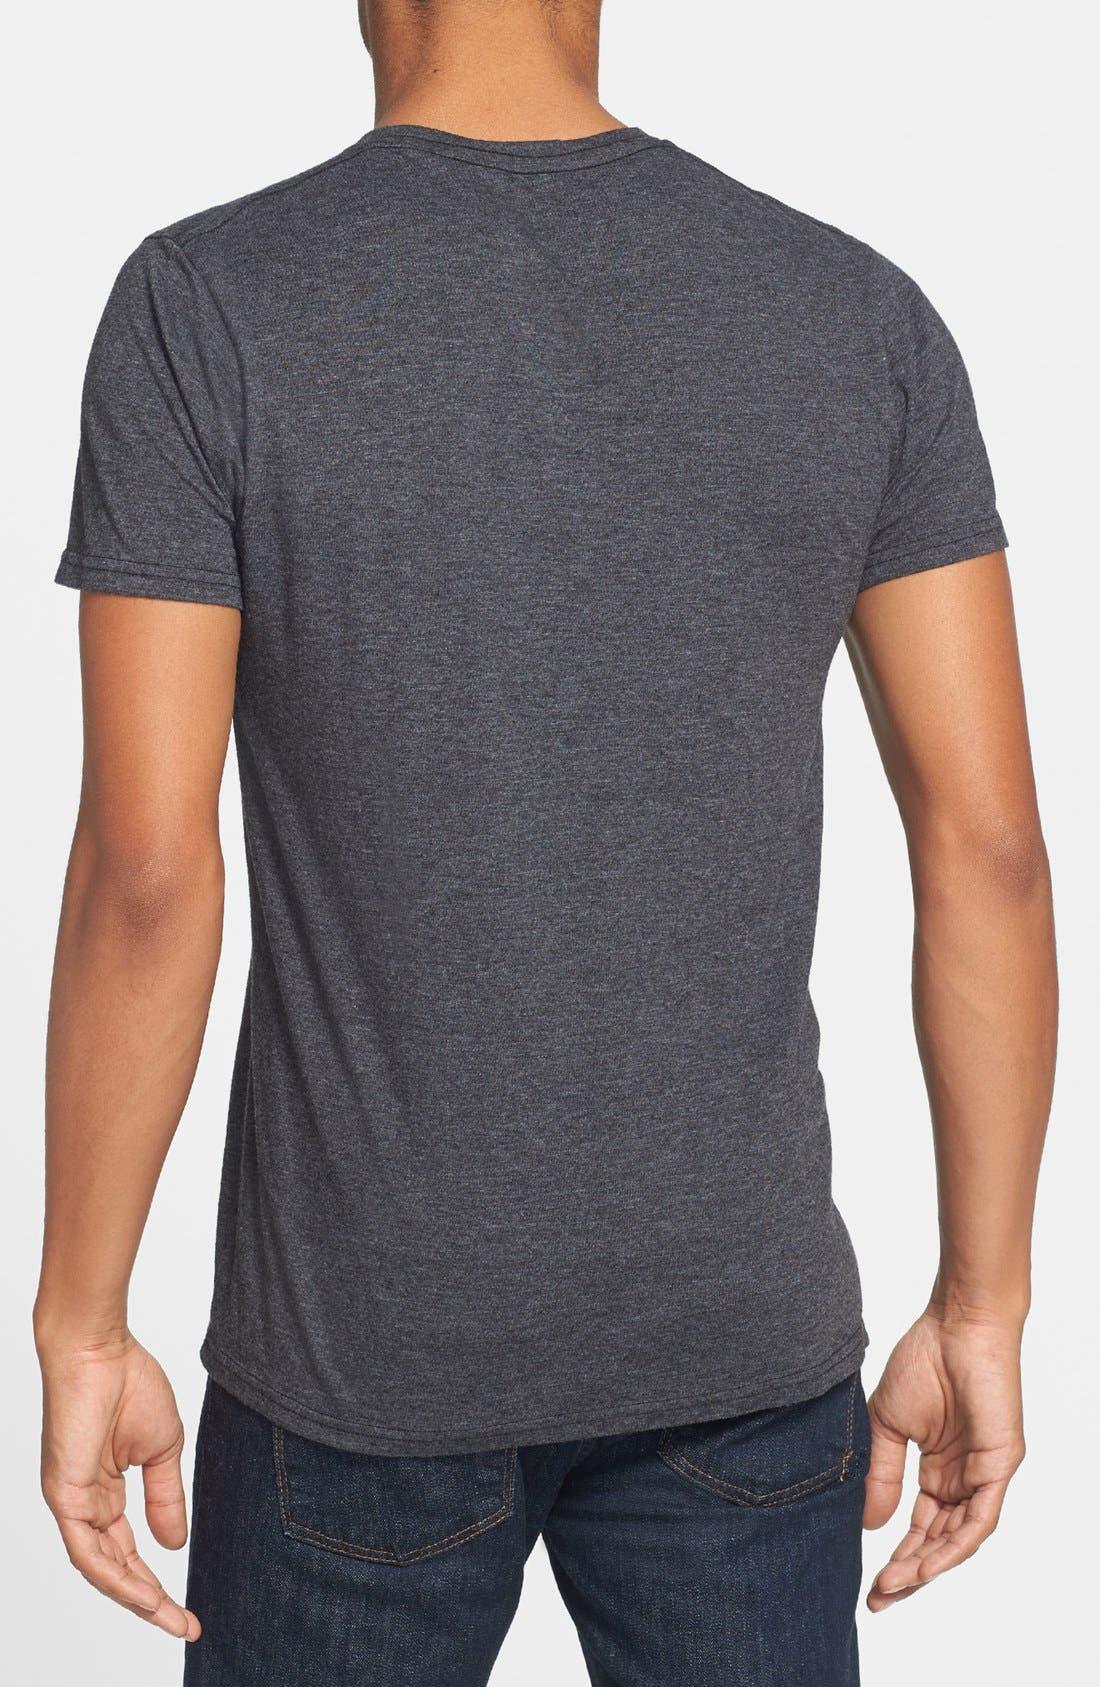 Alternate Image 2  - Retro Brand 'Arizona Wildcats' Team T-Shirt